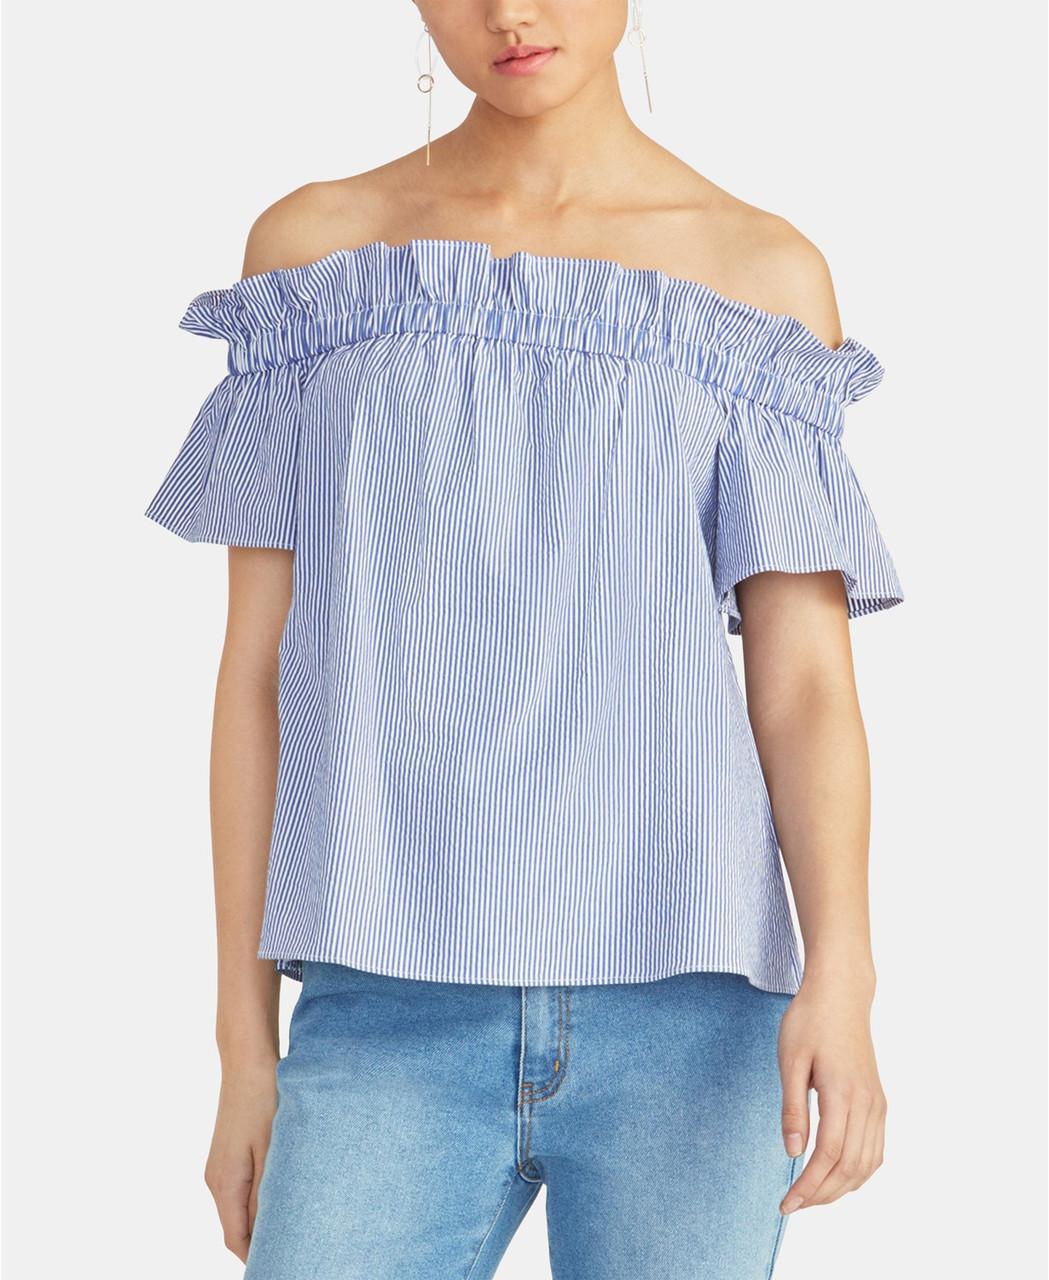 Rachel Roy Женская блузка - Е2